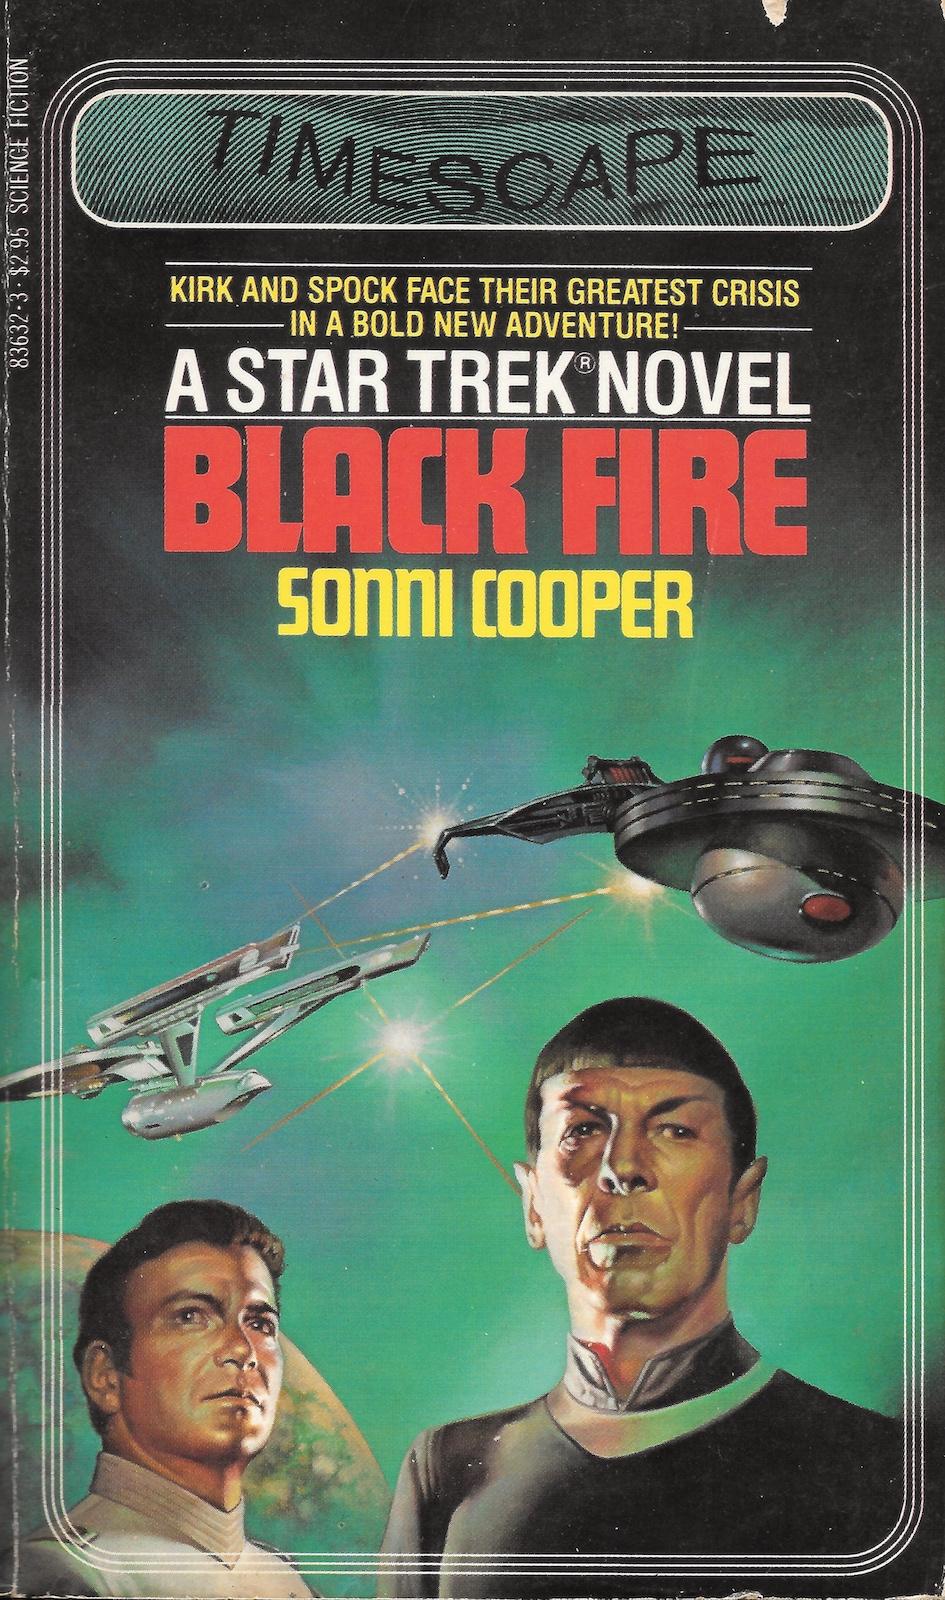 Black Fire (novel)